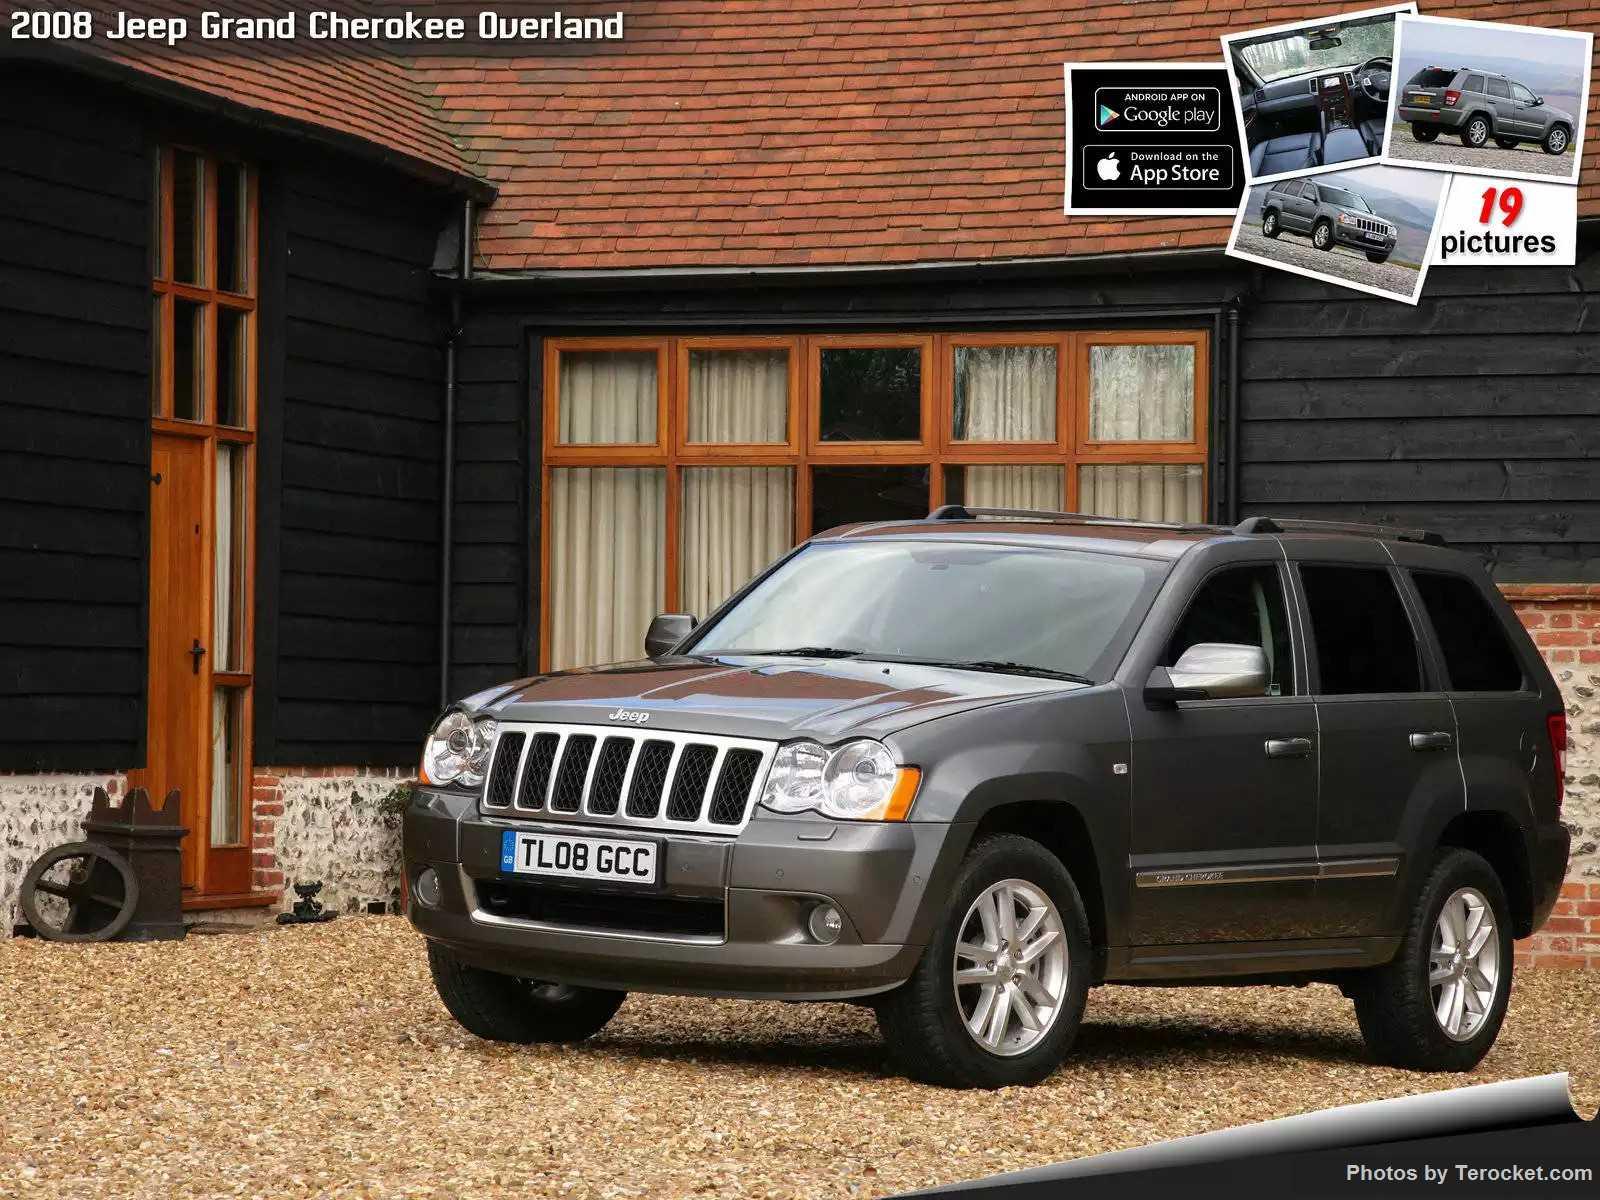 Hình ảnh xe ô tô Jeep Grand Cherokee Overland UK Version 2008 & nội ngoại thất